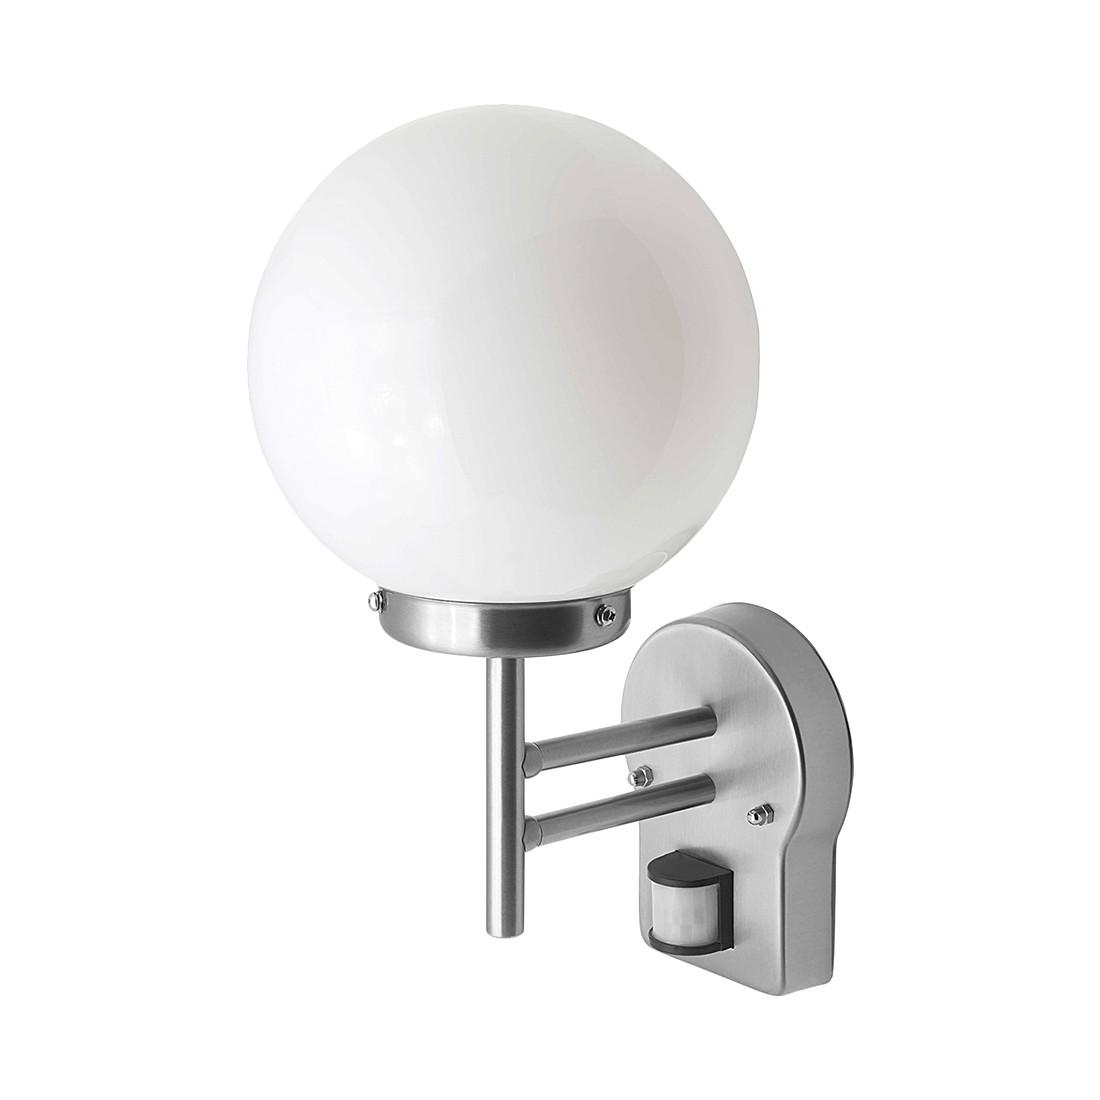 eek a luminaire d 39 ext rieur aalborg 1 ampoule brilliant par brilliant chez home24 fr. Black Bedroom Furniture Sets. Home Design Ideas